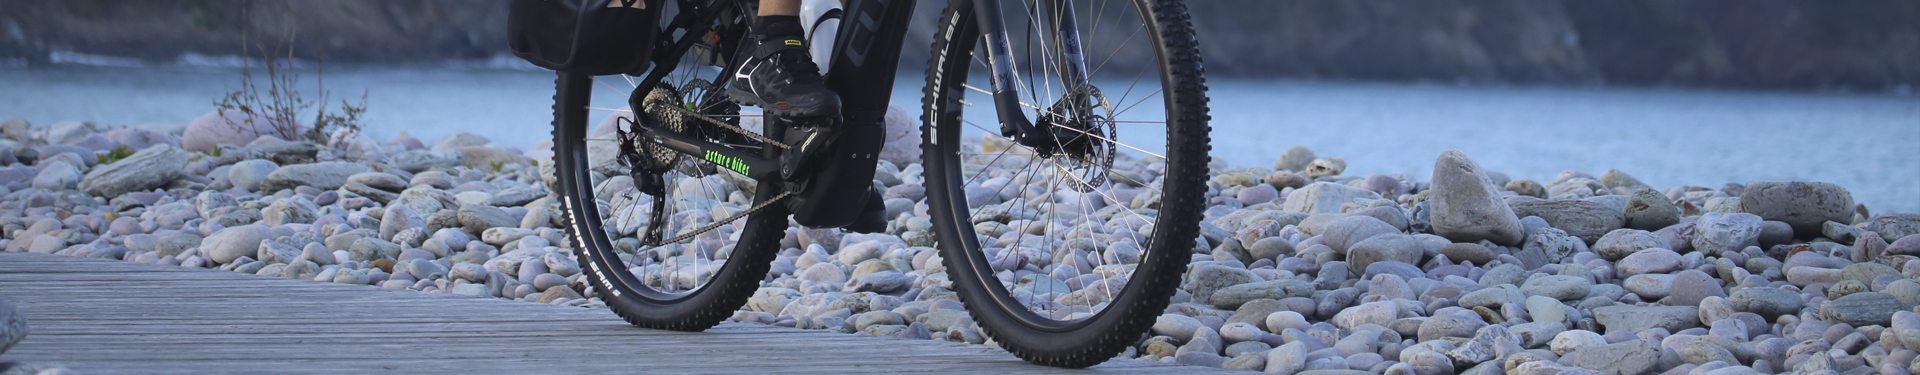 SliderE Bikes